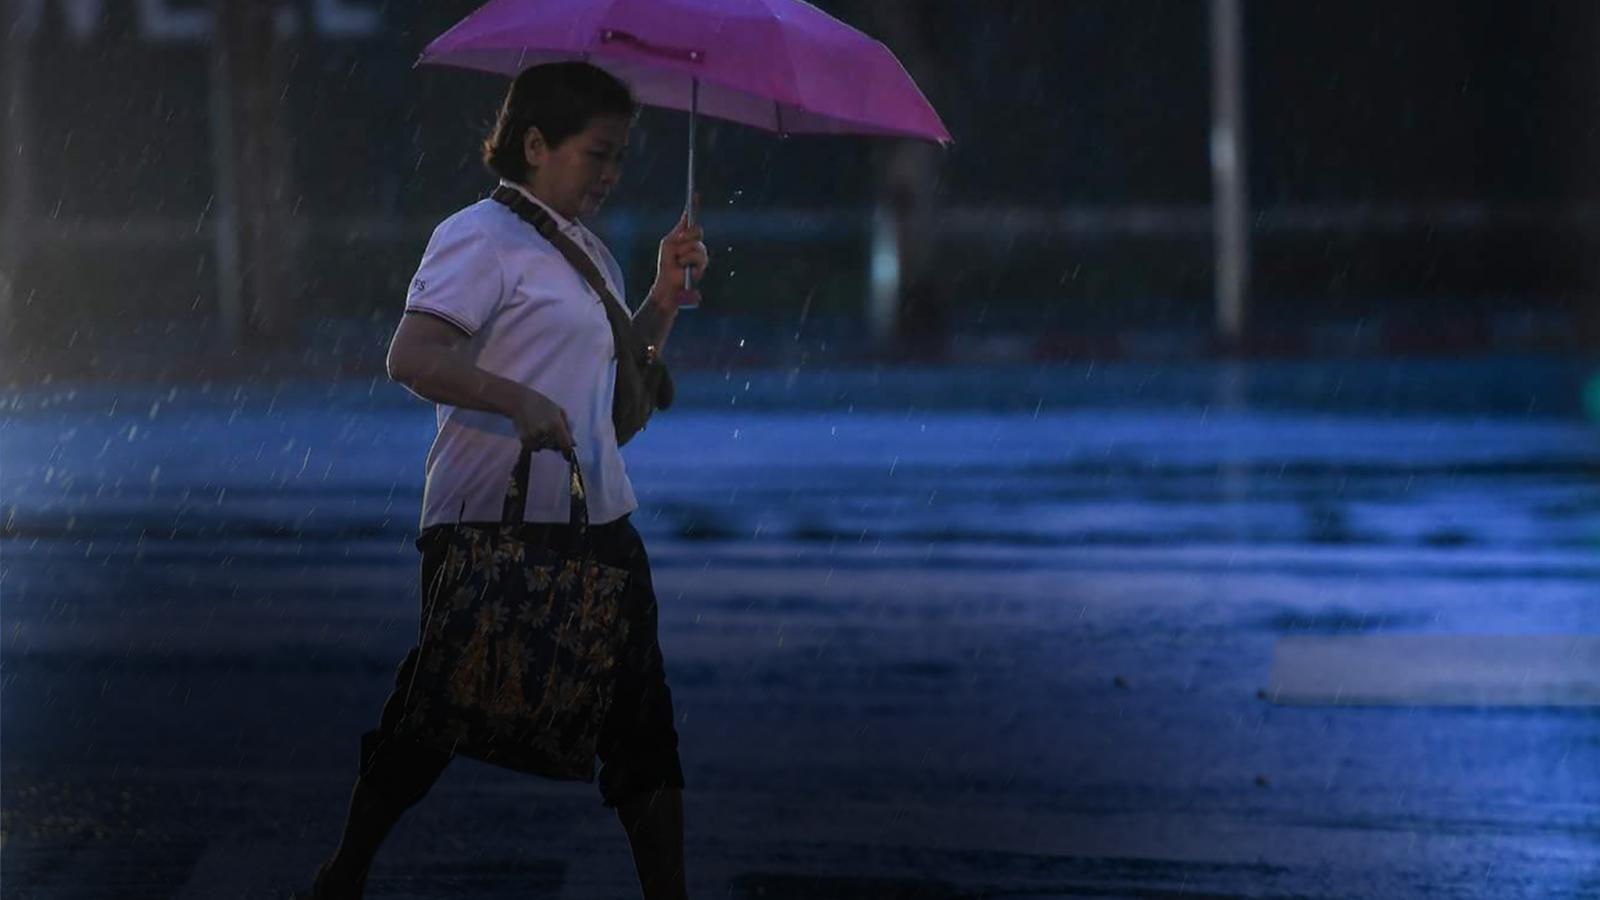 """อุตุฯ เตือน พายุโซนร้อน """"โคะงุมะ"""" เหนือระวังฝนตกหนัก"""